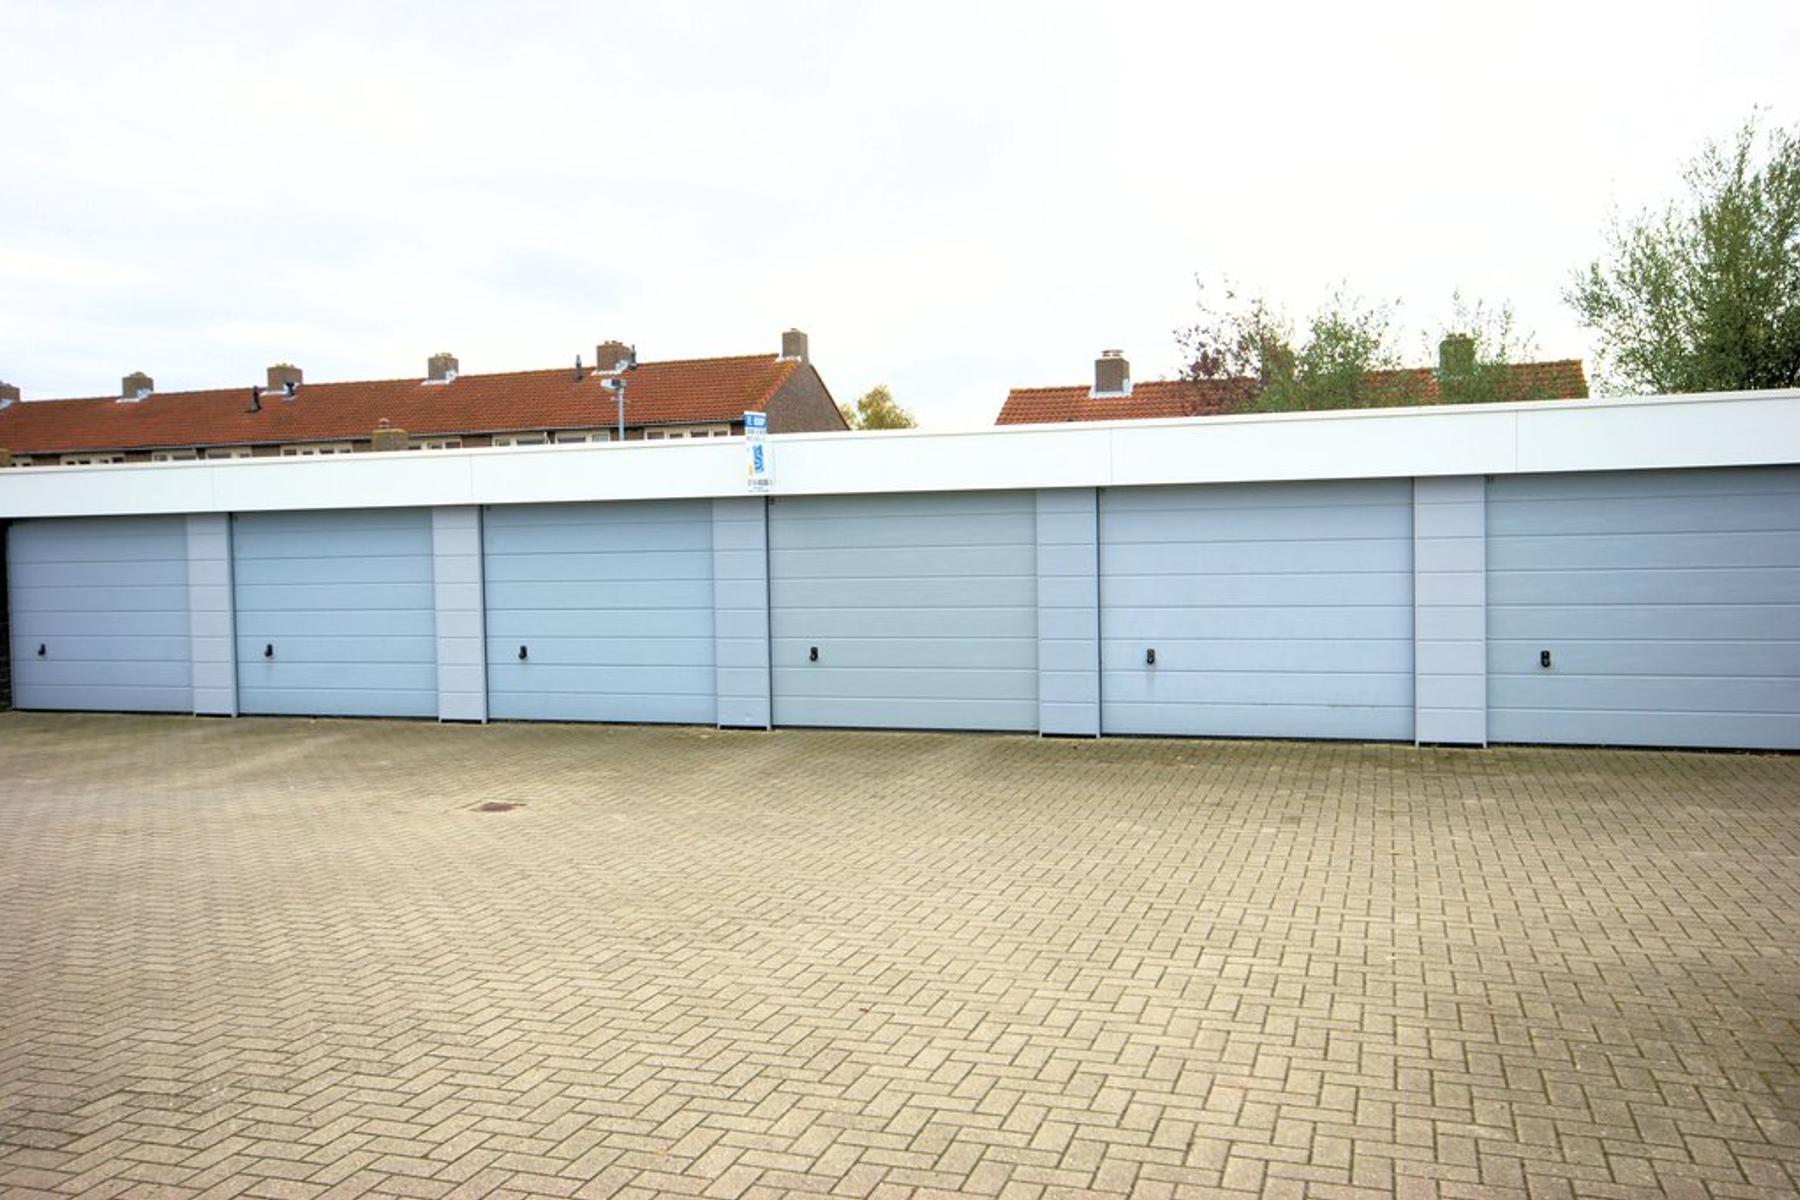 J.I. Sandersestraat 70 - G4 in Oost-Souburg 4388 EG